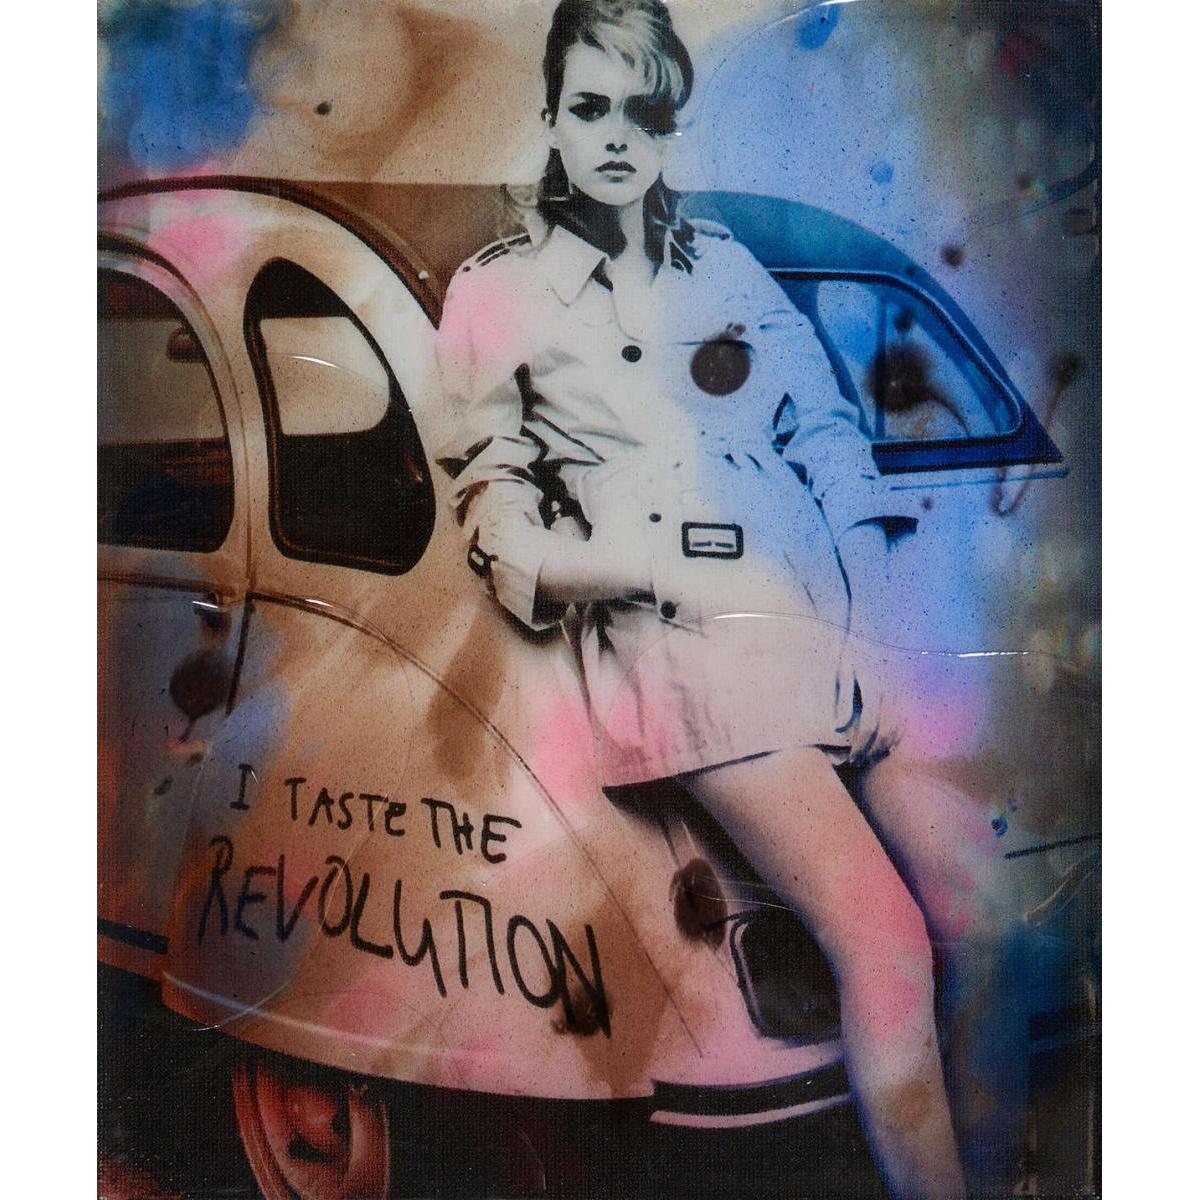 The revolution von Jörg Döring